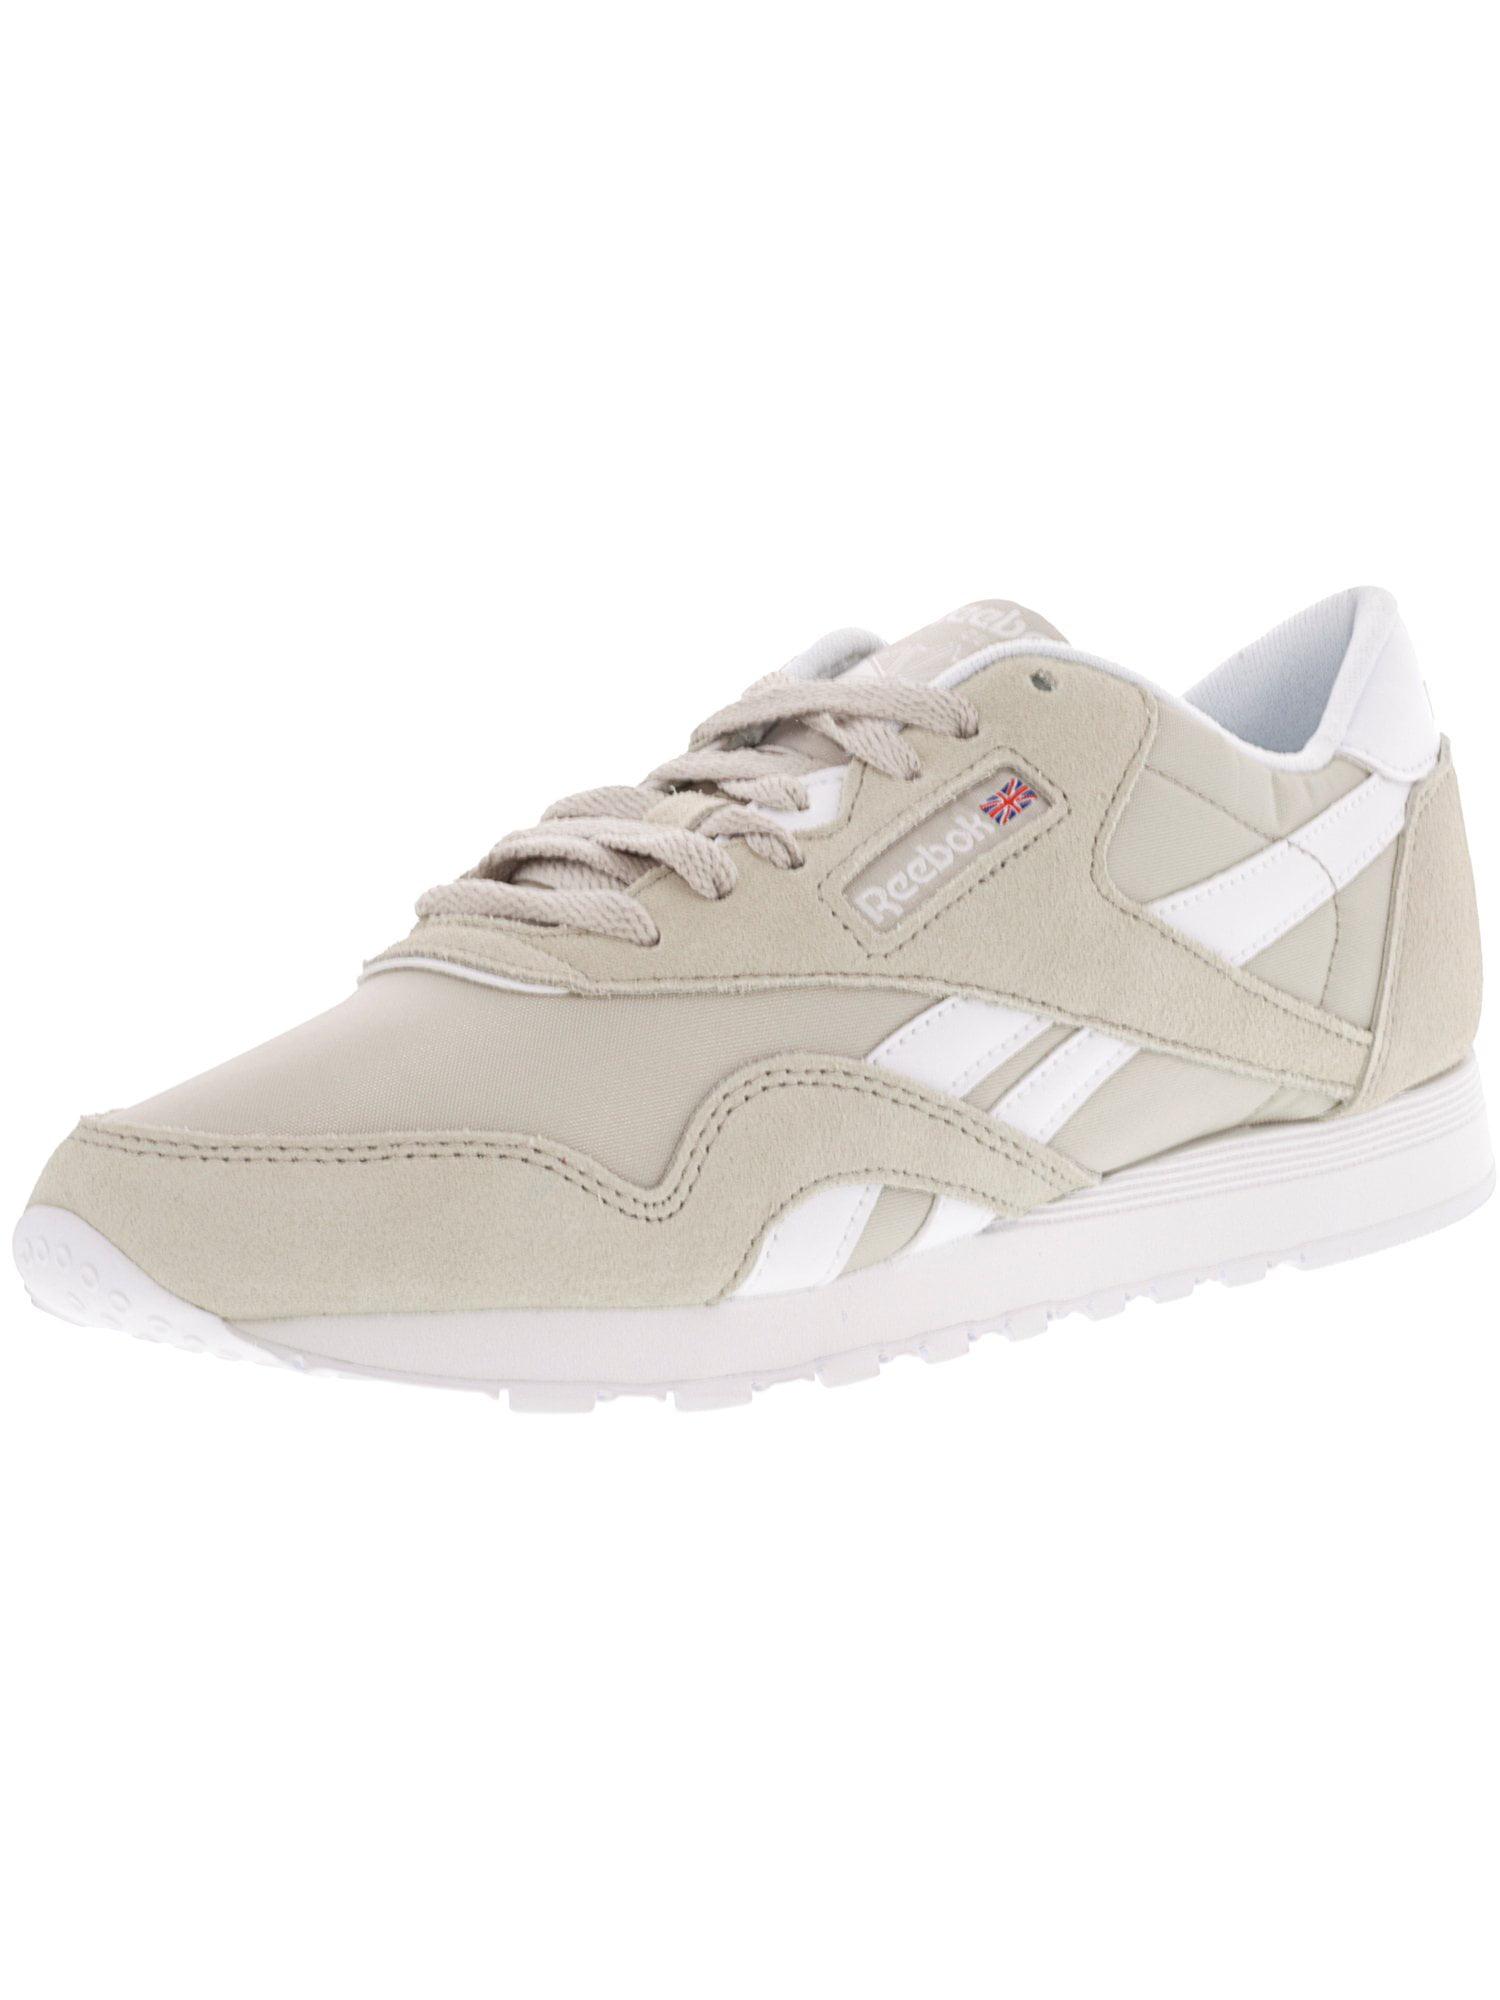 6b965dee63f8b Reebok - Reebok Women s Cl Nylon Neutrals Sandstone   White Ankle ...